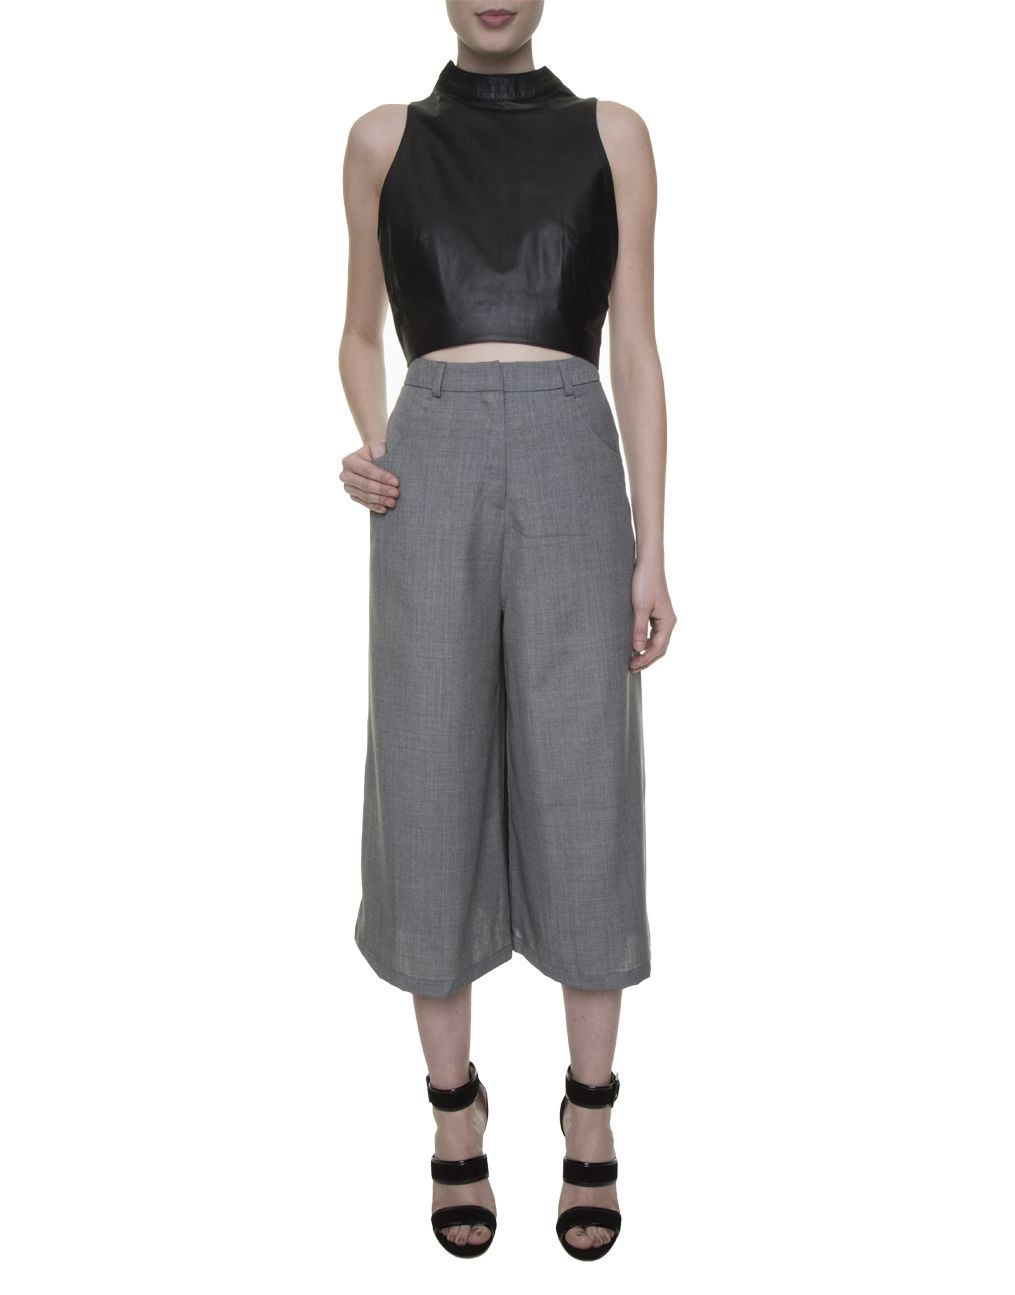 338a0969e top cropped preto de couro, calça pantacourt cinza Modem, sandália tiras  preta